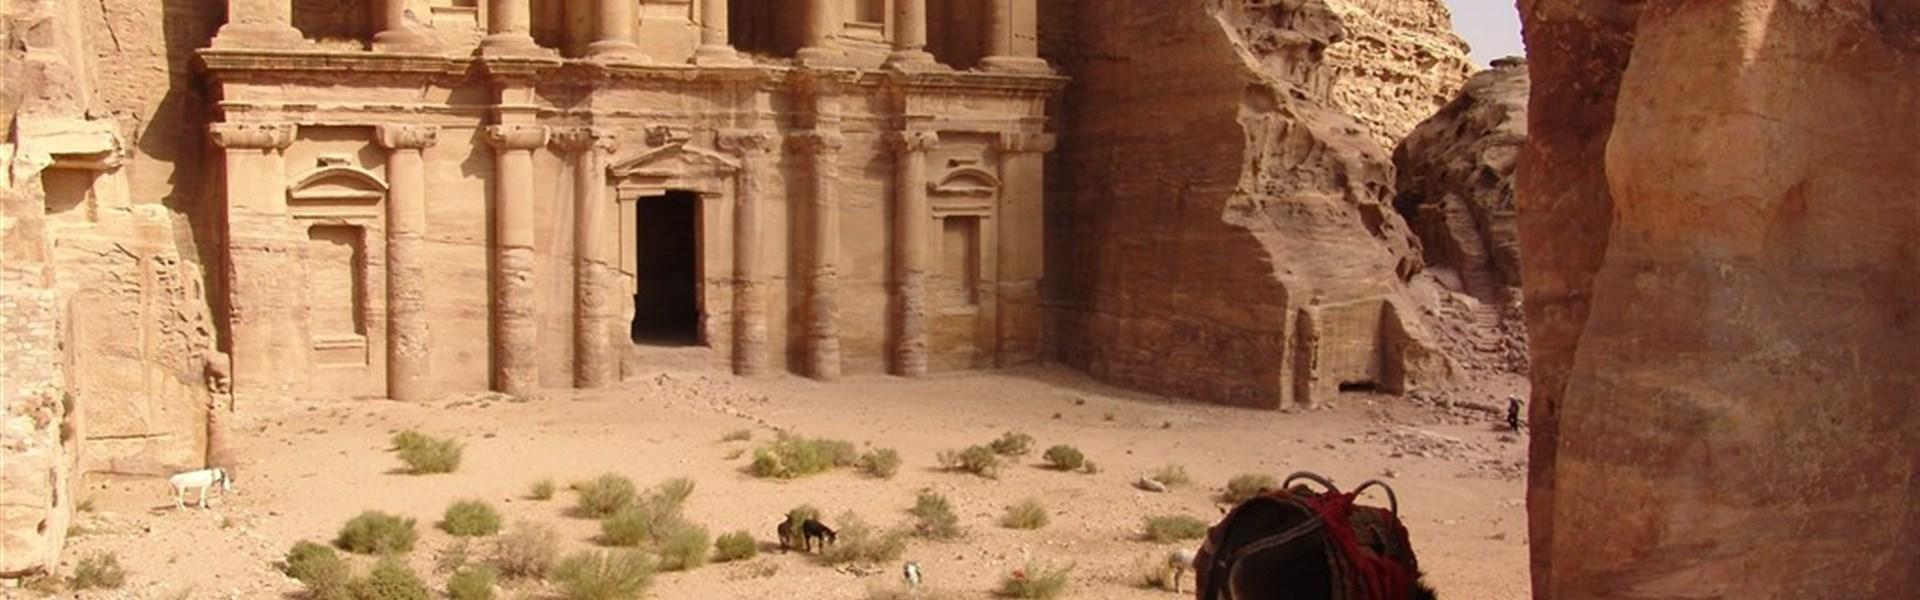 Okruh - Za klenoty Jordánska s českým průvodcem - Skalní město Petra - Monastery